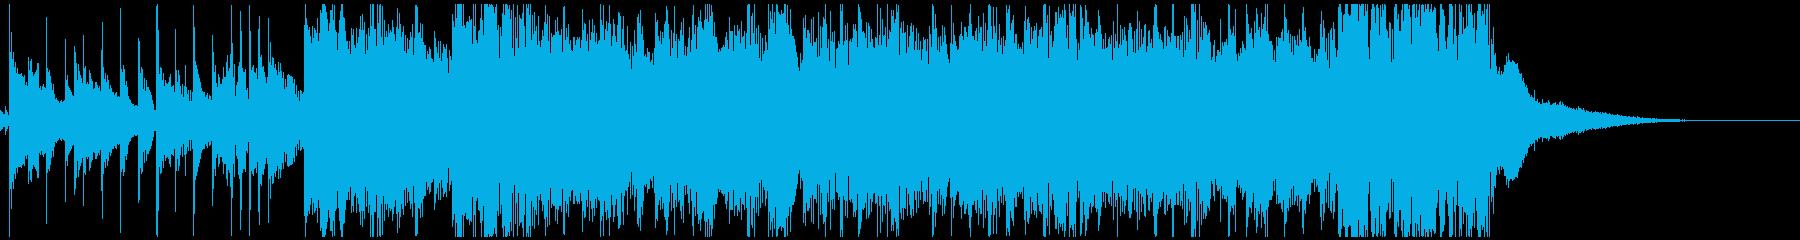 アラビアンな笛のメロディと怪しいシタールの再生済みの波形